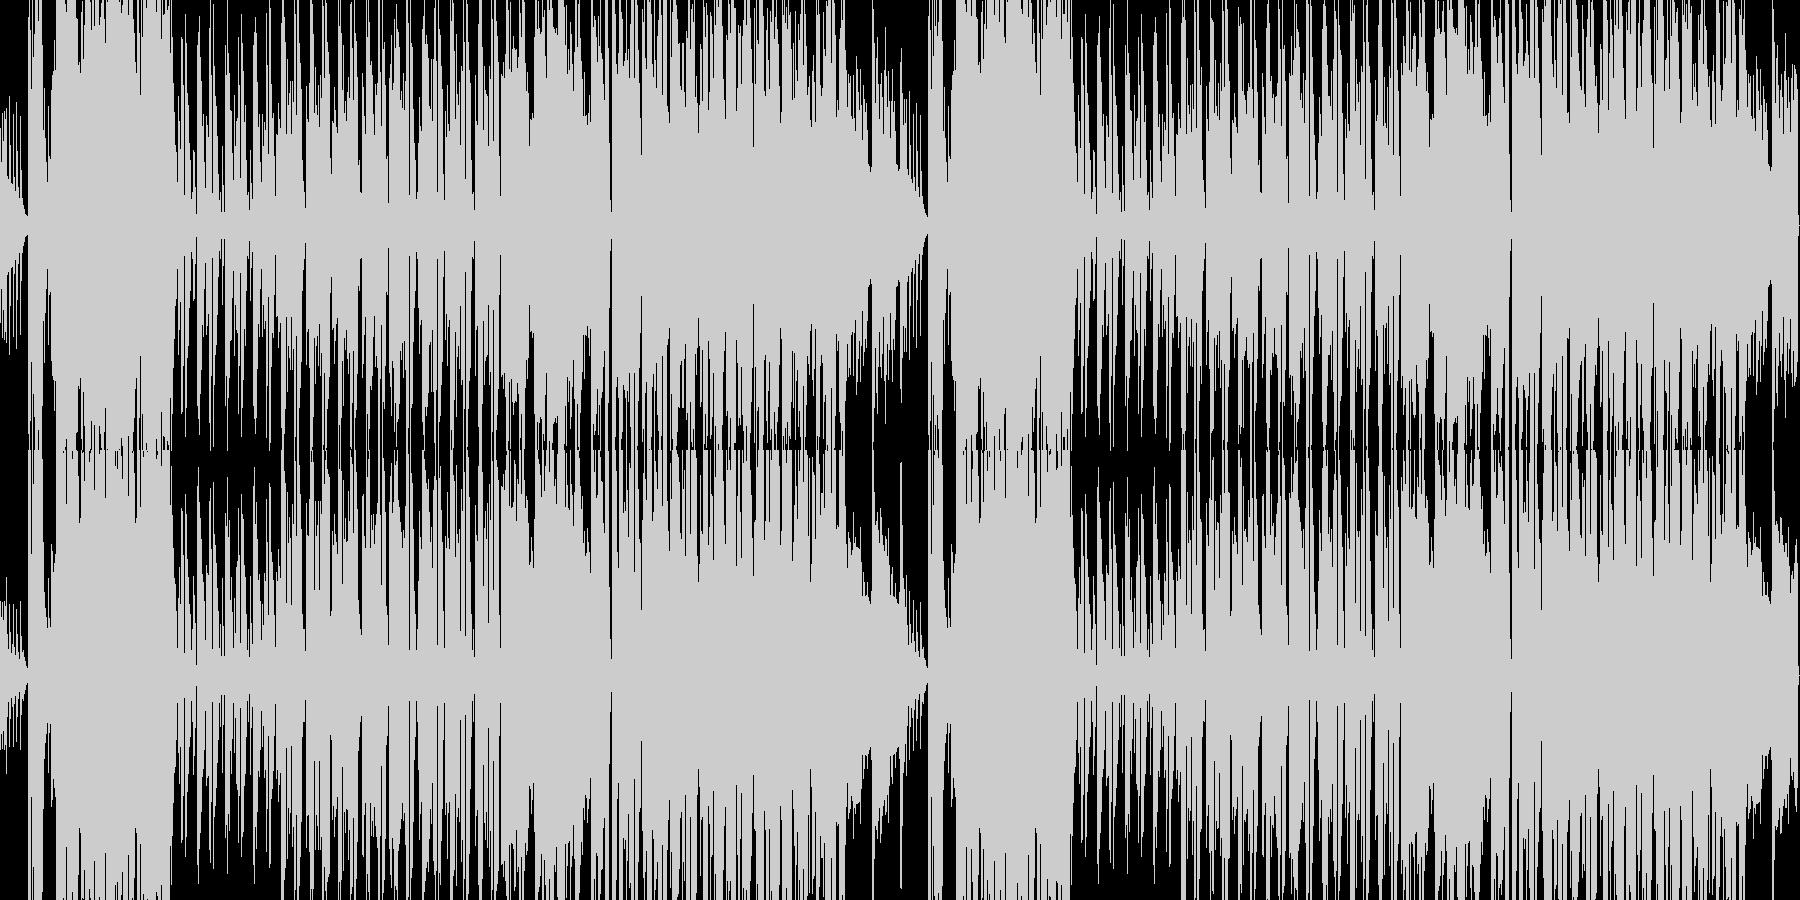 桜春琴和風ループ企業PVオーケストラの未再生の波形